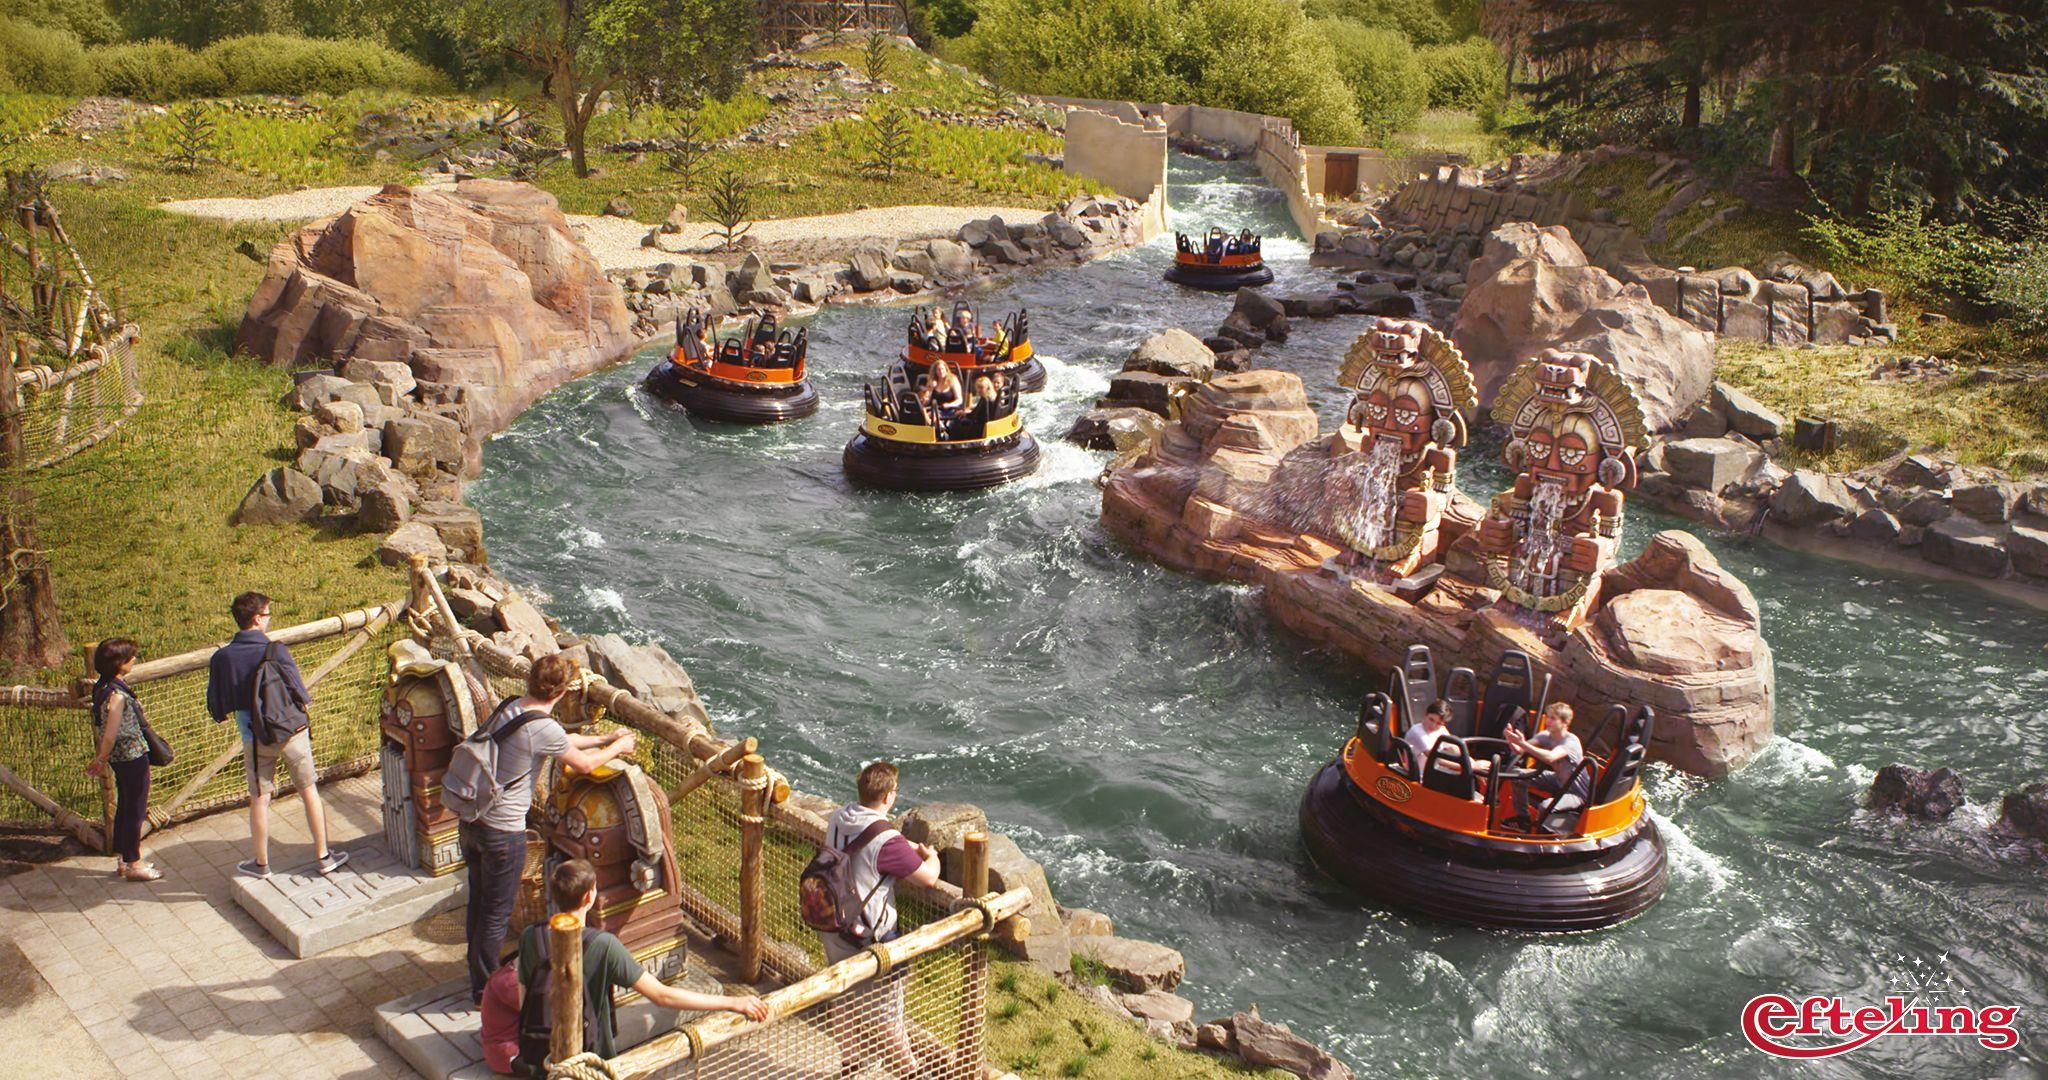 Efteling wallpaper van de wildwaterbaan pira a in for Amusement park netherlands